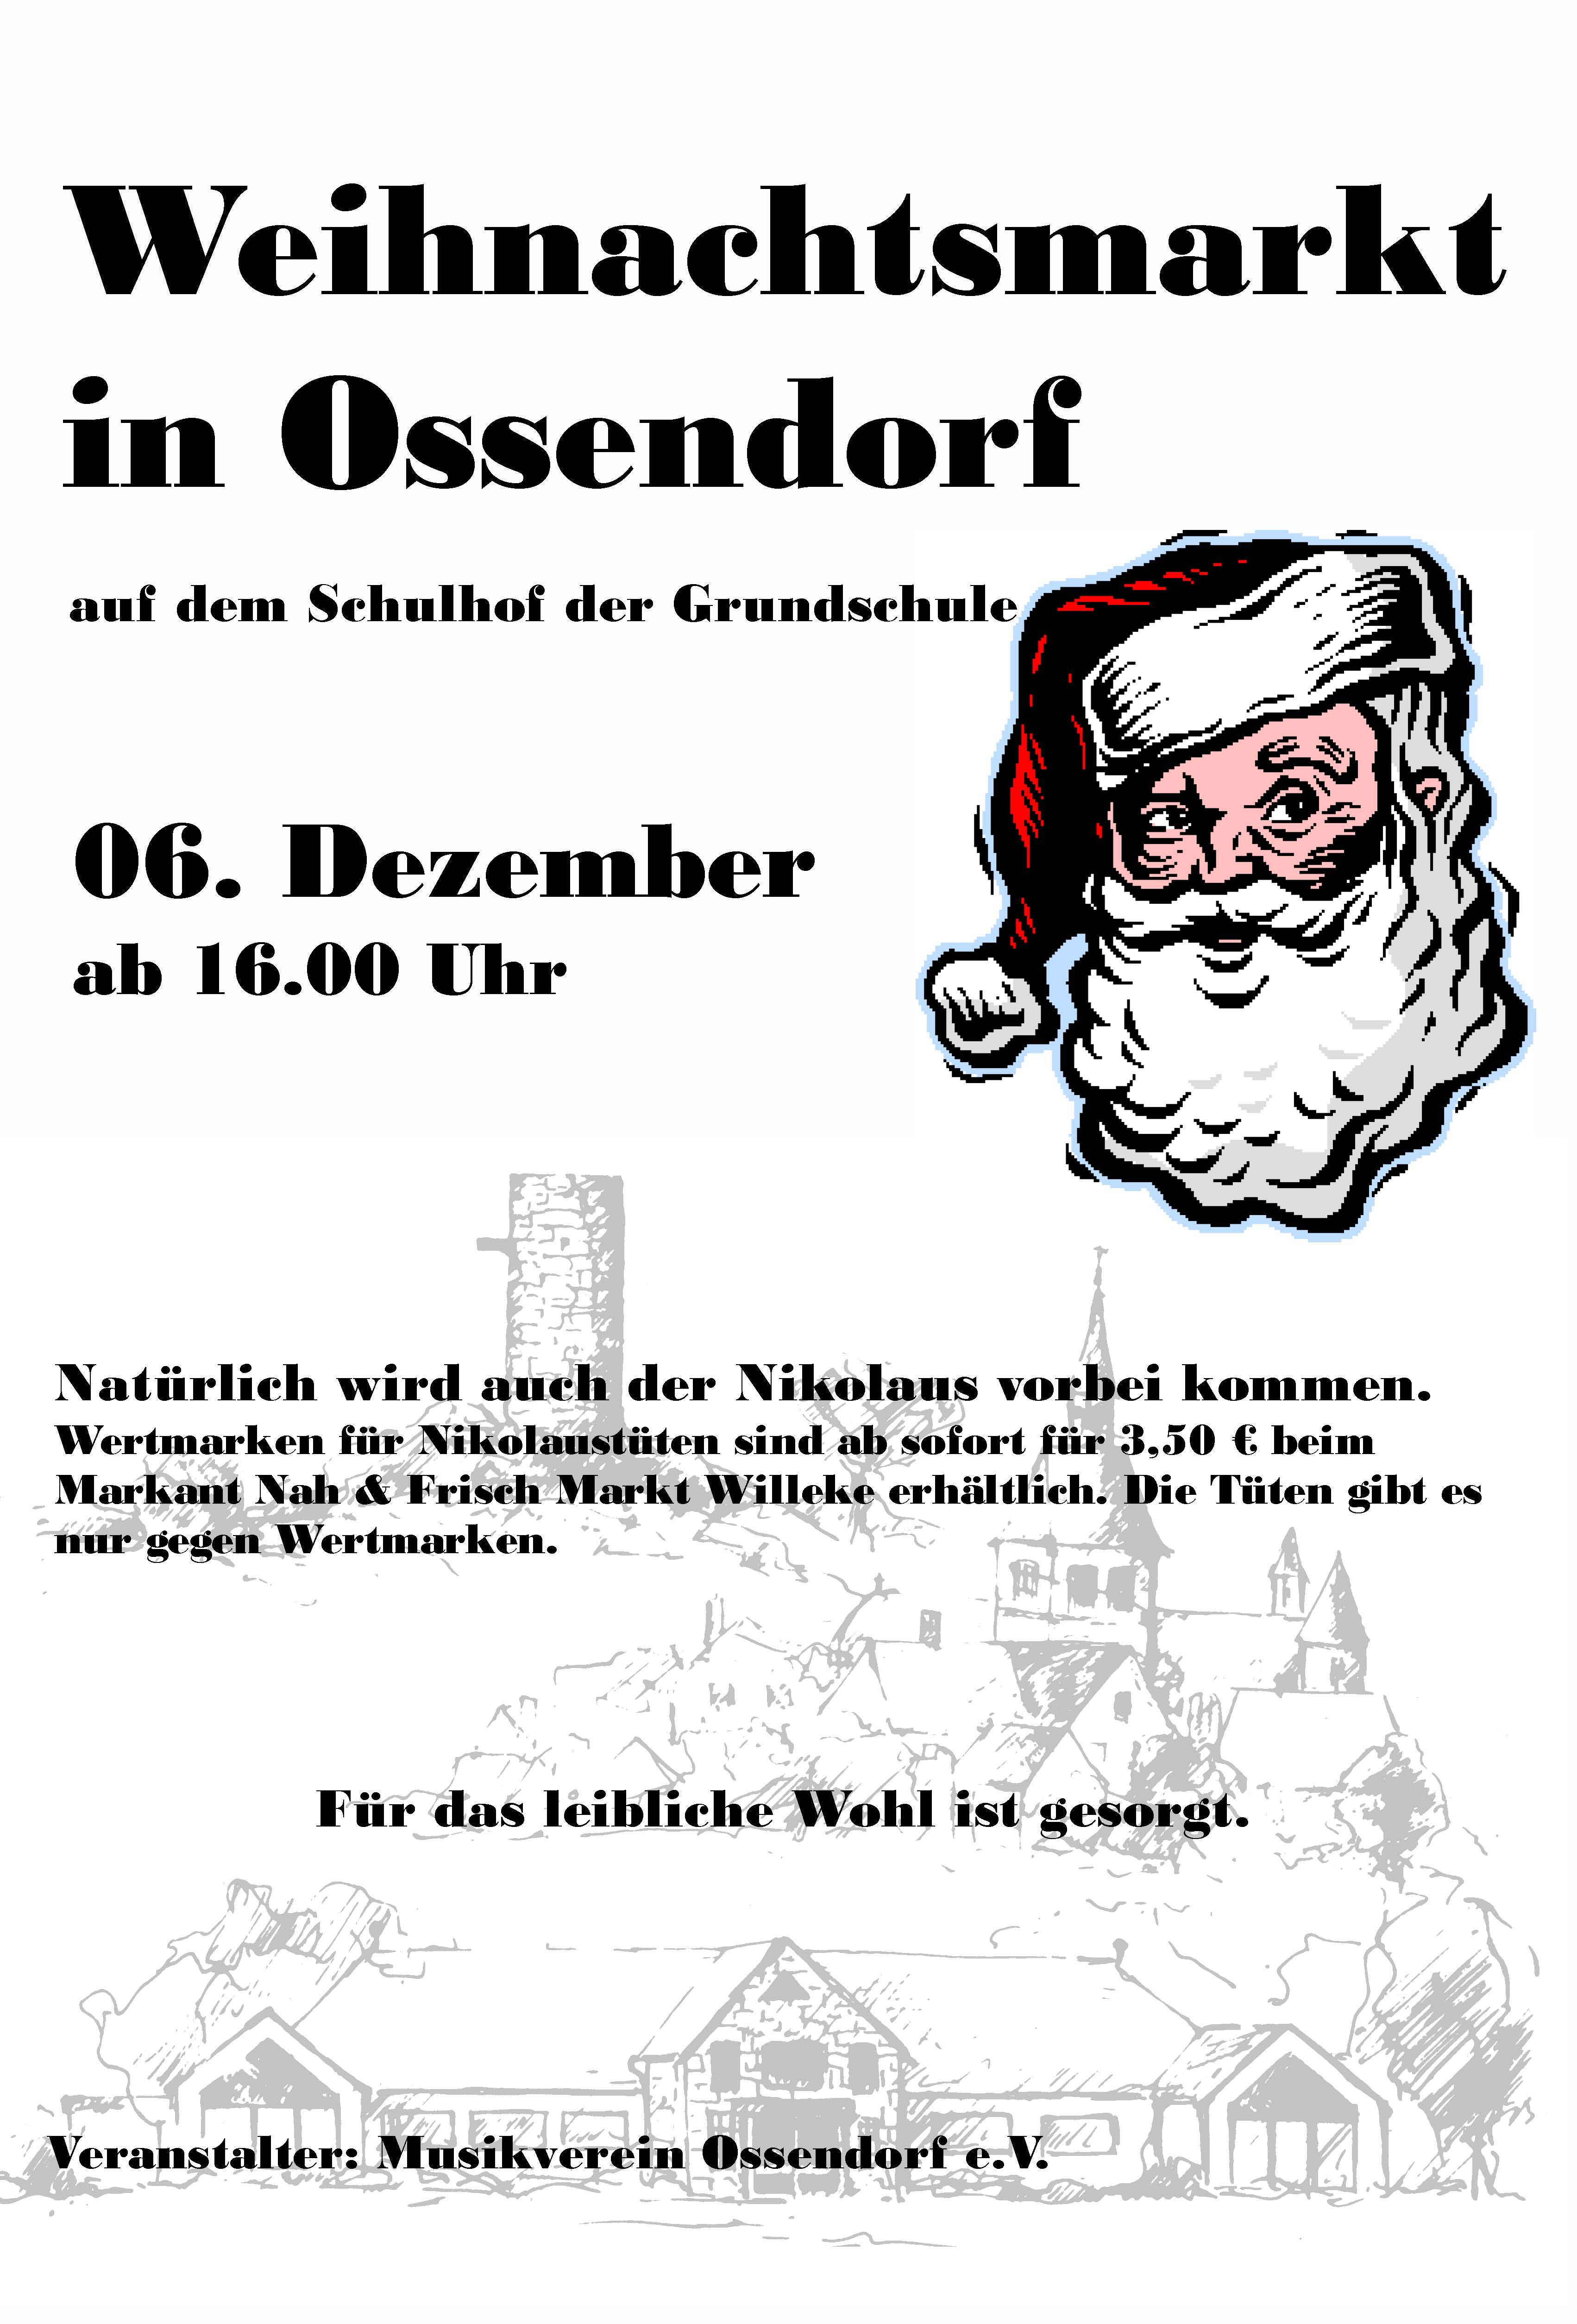 Weihnachtsmarkt Plakat 2014